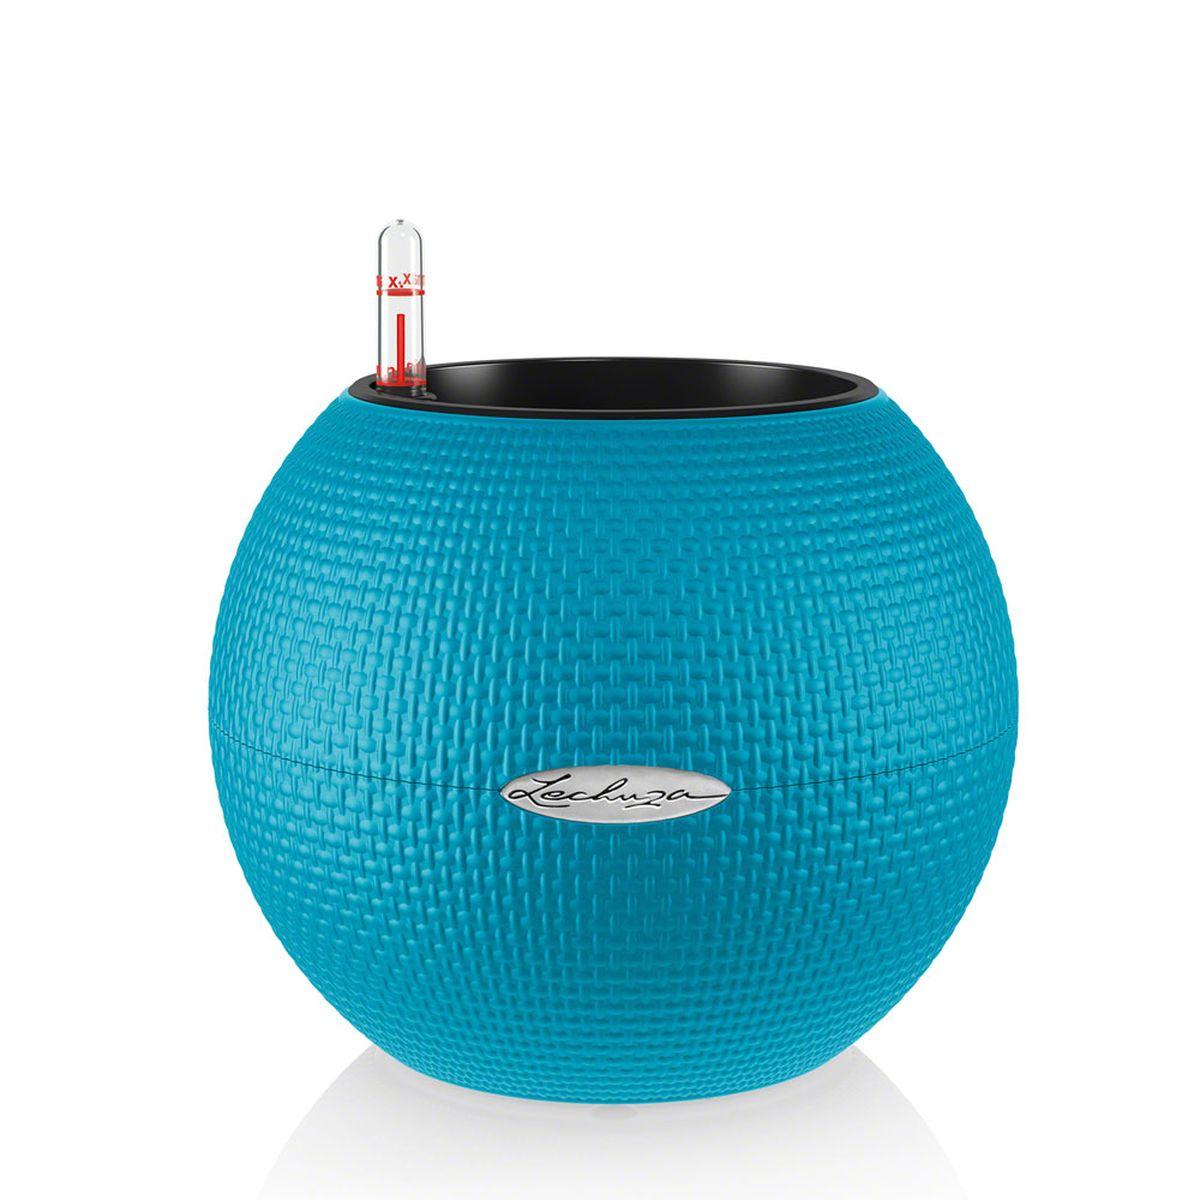 Кашпо Lechuza Color Puro, с системой автополива, цвет: бирюзовый, диаметр 20 см13366Круглое кашпо Lechuza Color Puro, выполненное из высококачественного пластика, имеет уникальную систему автополива, благодаря которой корневая система растения непрерывно снабжается влагой из резервуара. Уровень воды в резервуаре контролируется с помощью специального индикатора. В зависимости от размера кашпо и растения воды хватает на 2-12 недель. Это способствует хорошему росту цветов и предотвращает переувлажнение. В набор входит: кашпо, внутренний горшок, индикатор уровня воды, резервуар для воды. Внутренний горшок, оснащенный выдвижными ручками, обеспечивает: - легкую переноску даже высоких растений; - легкую смену растений; - можно также просто убрать растения на зиму; - винт в днище позволяет стечь излишней дождевой воде наружу. Кашпо Lechuza Color Puro прекрасно впишется в интерьер больших холлов, террас ресторанов и уютных гостиных. Изделие поможет расставить нужные акценты и придаст помещению вид, соответствующий...